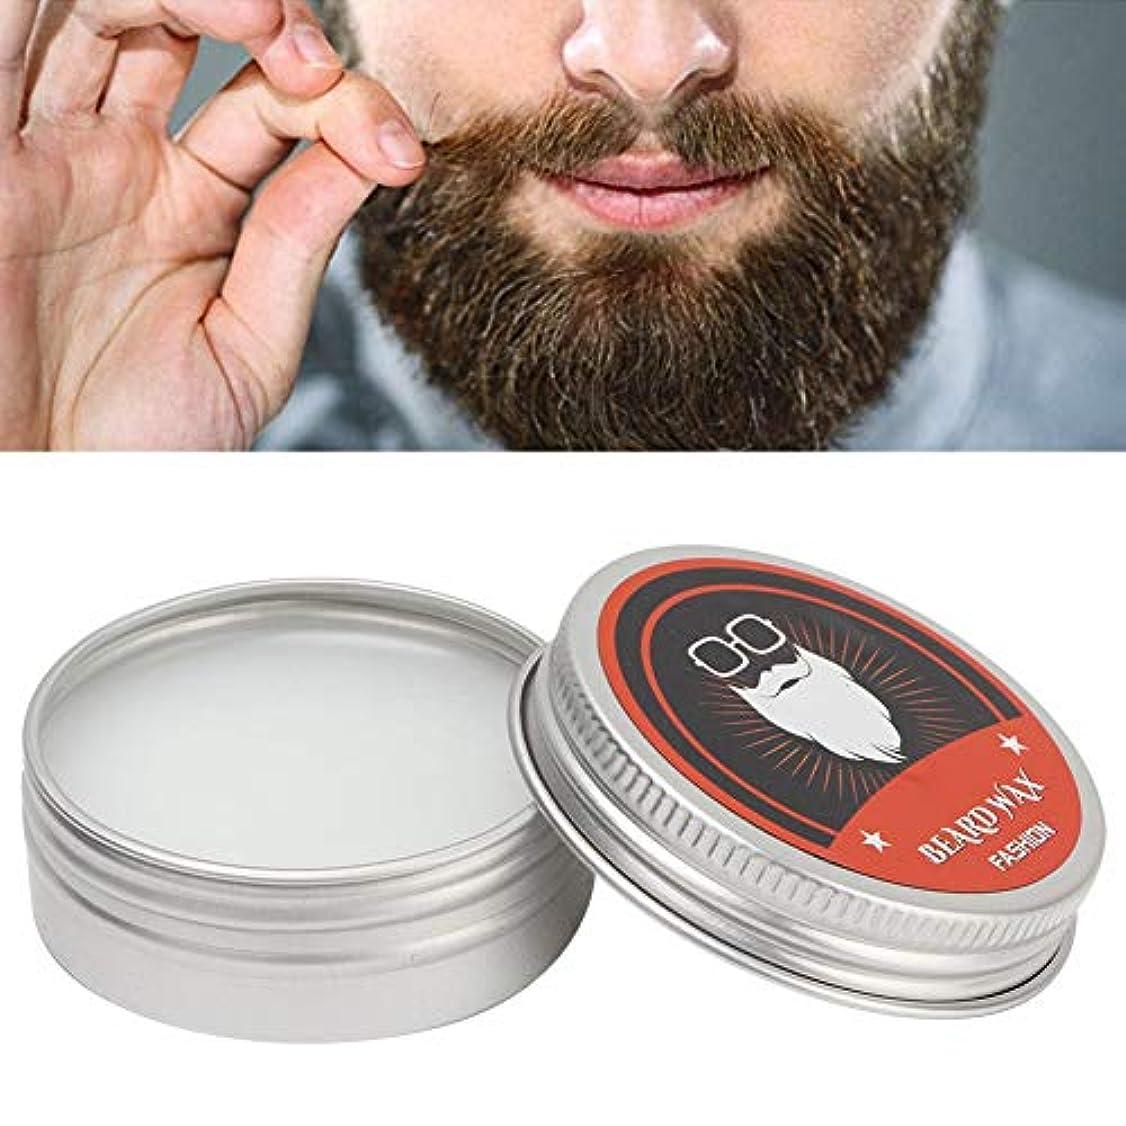 シンプルな小人運賃ひげグルーミングワックス口ひげ保湿バーム、30mlひげケアメンズひげグルーミングワックスリペアディープモイスチャライジングナリッシング